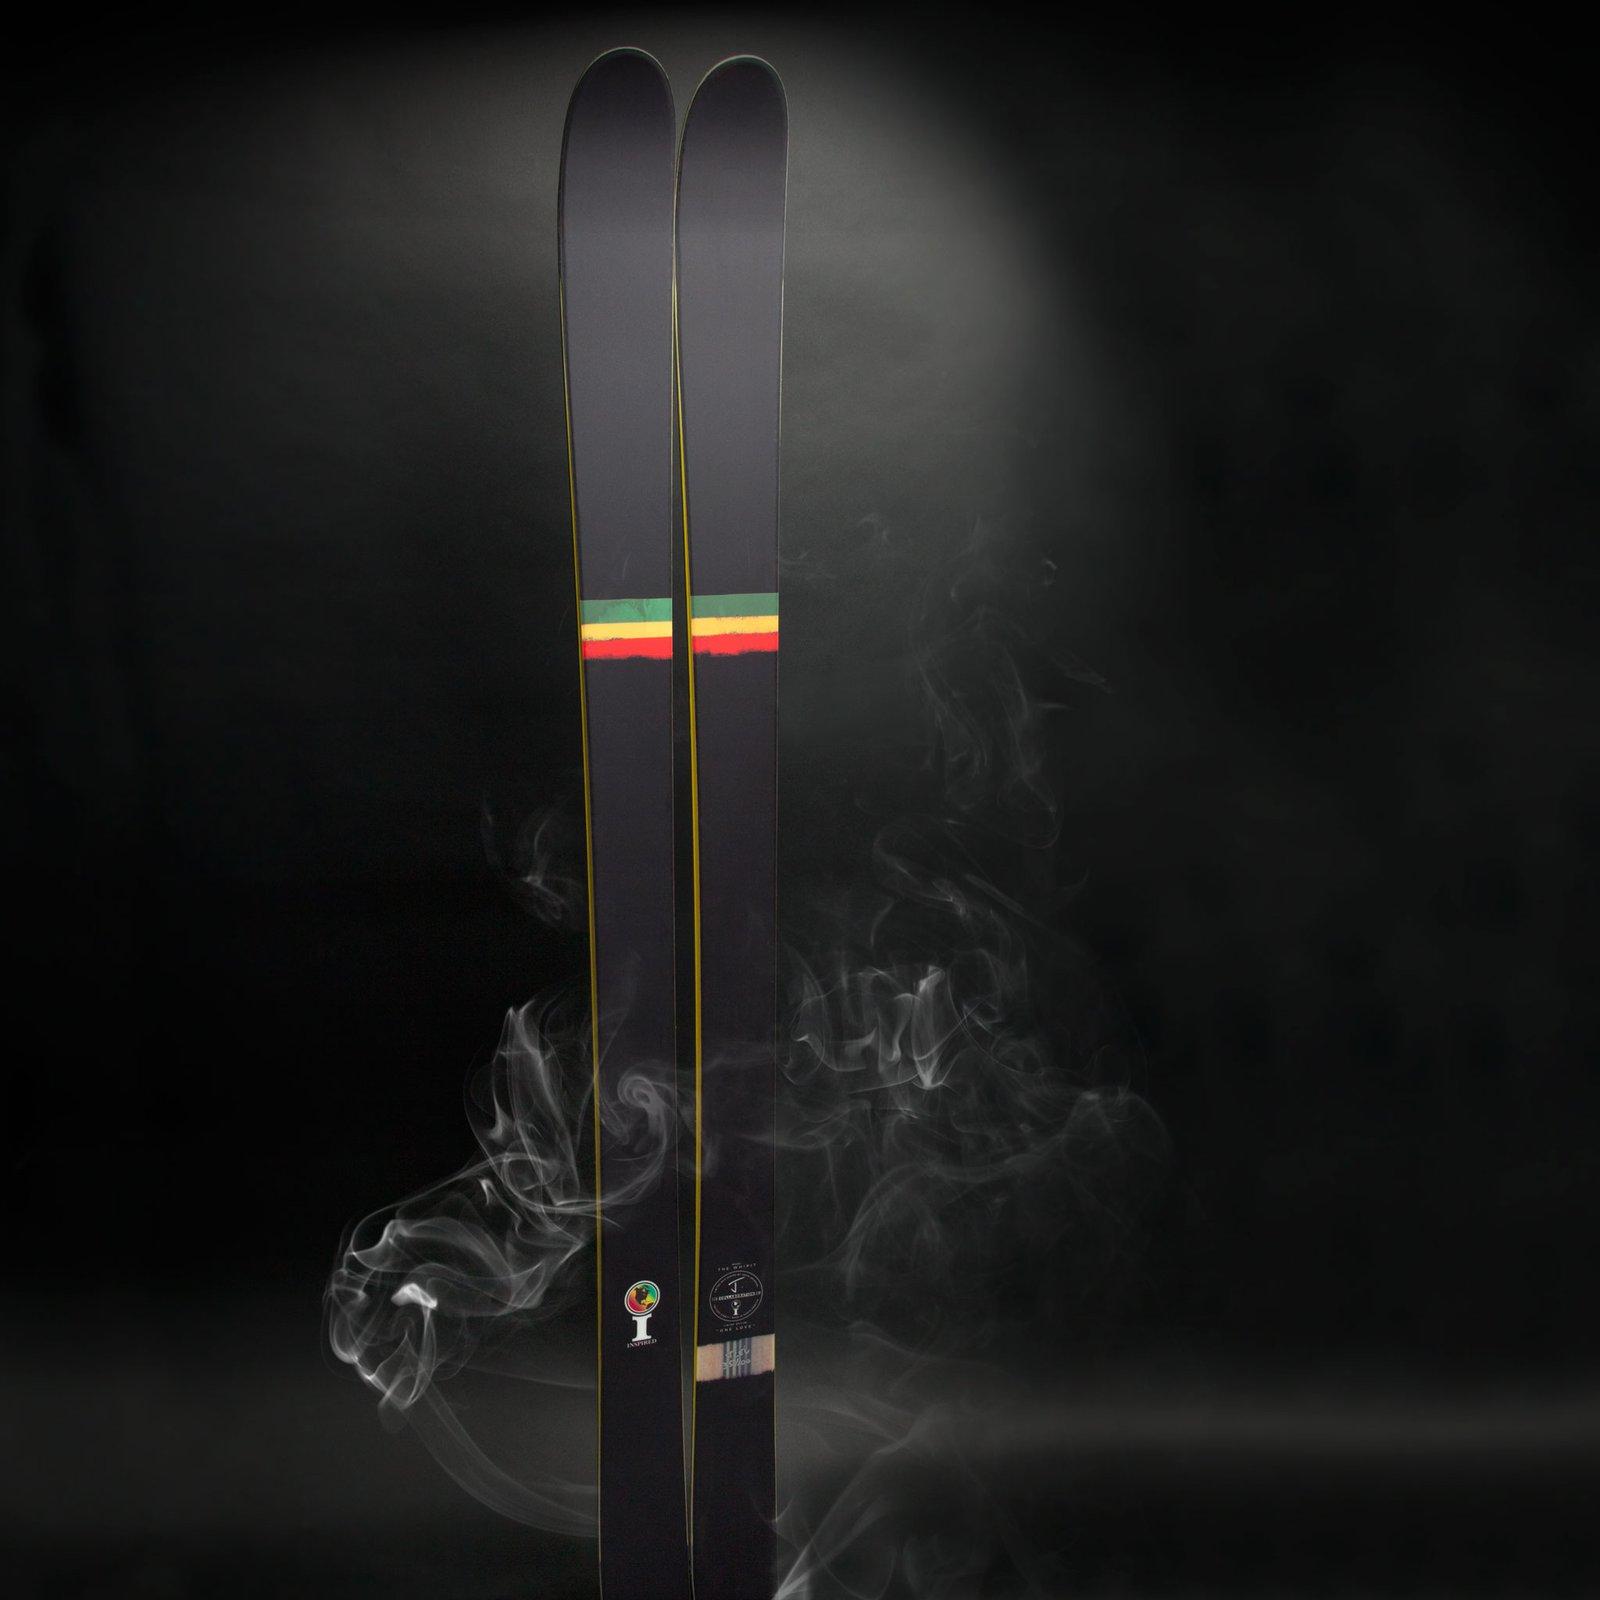 Inspired x J ski collab